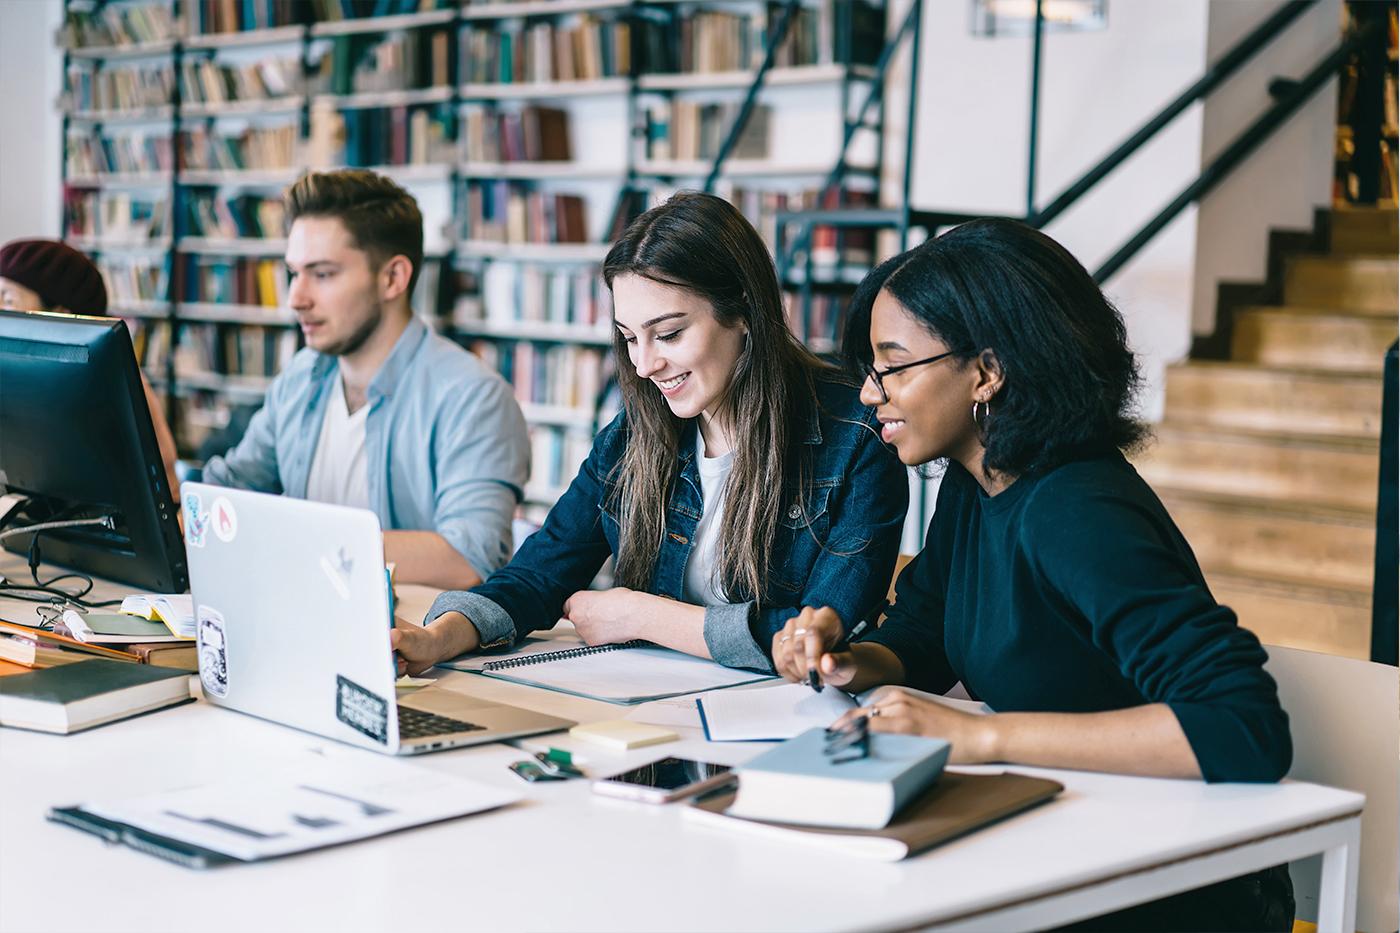 Studenten am Schreibtisch in Arbeitsraum mit Laptop und Unterlagen vor Bücherregal